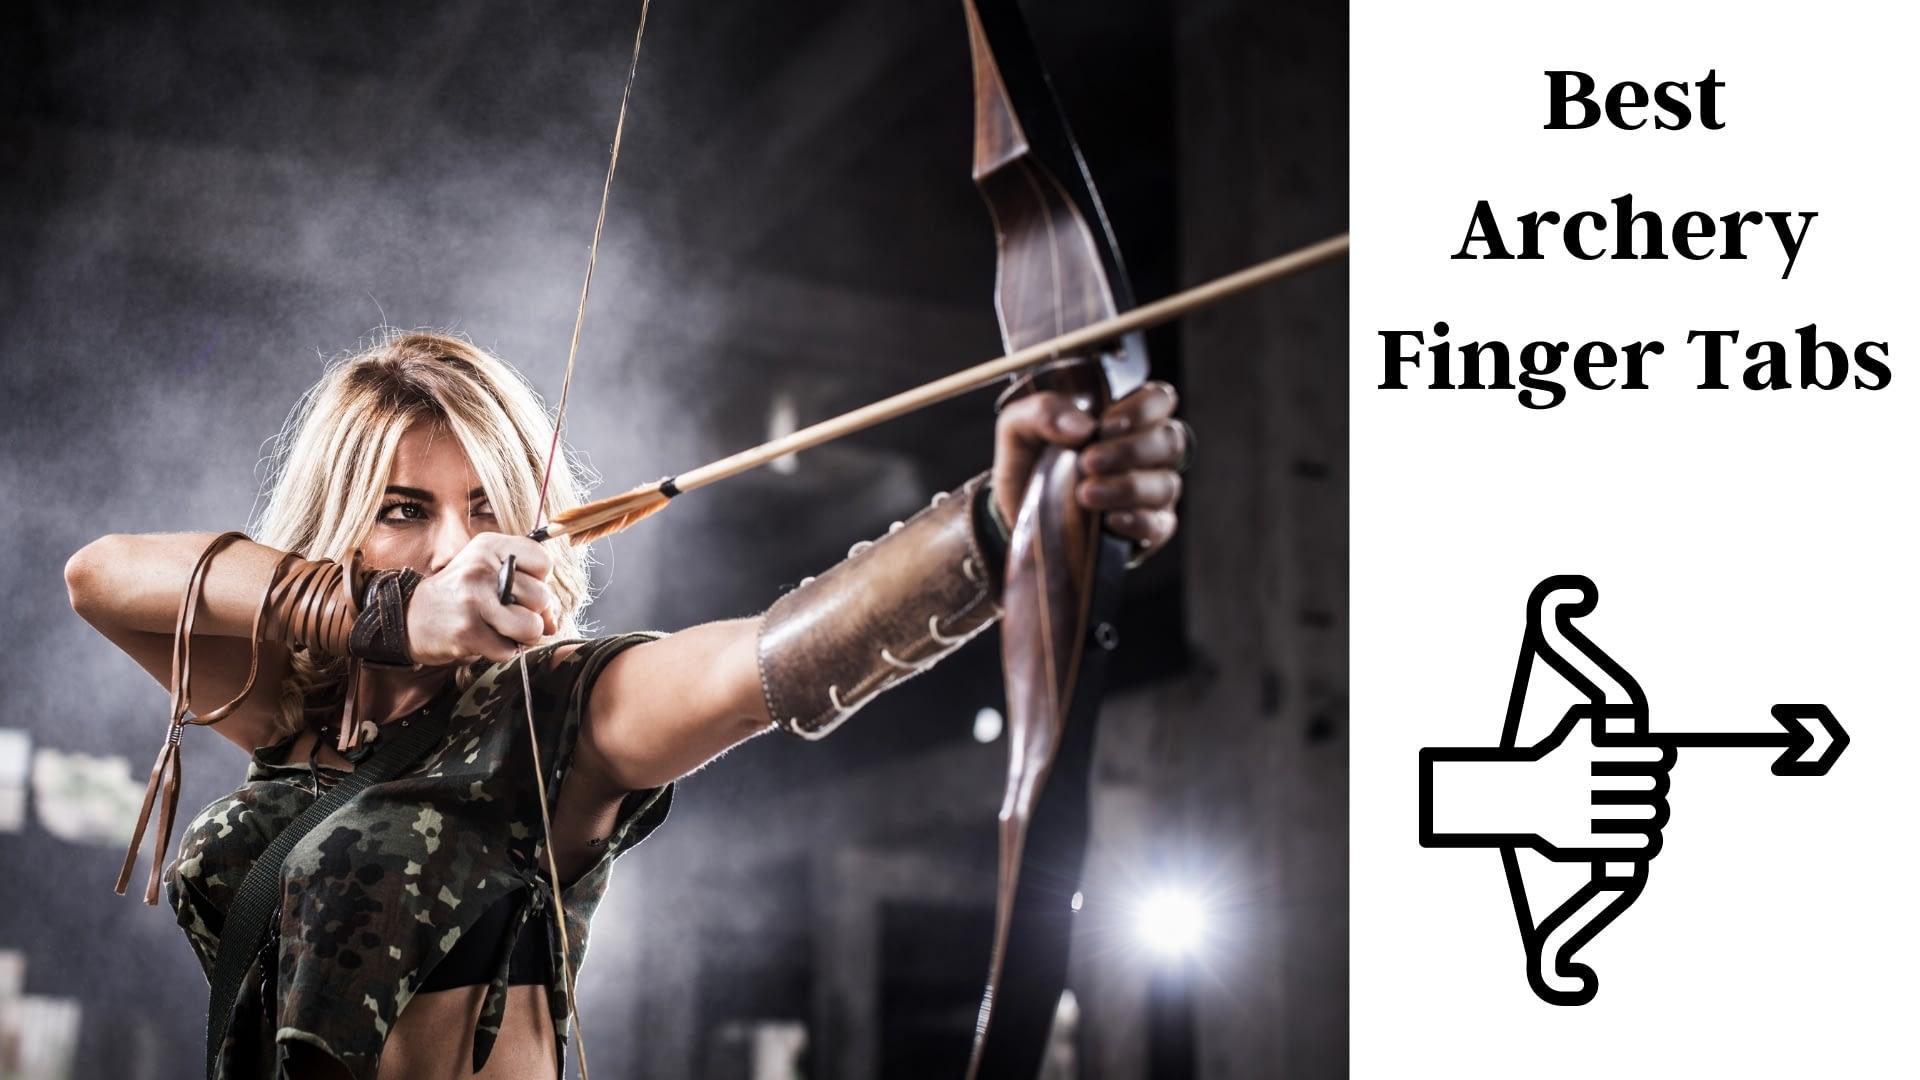 Best Archery Finger Tabs